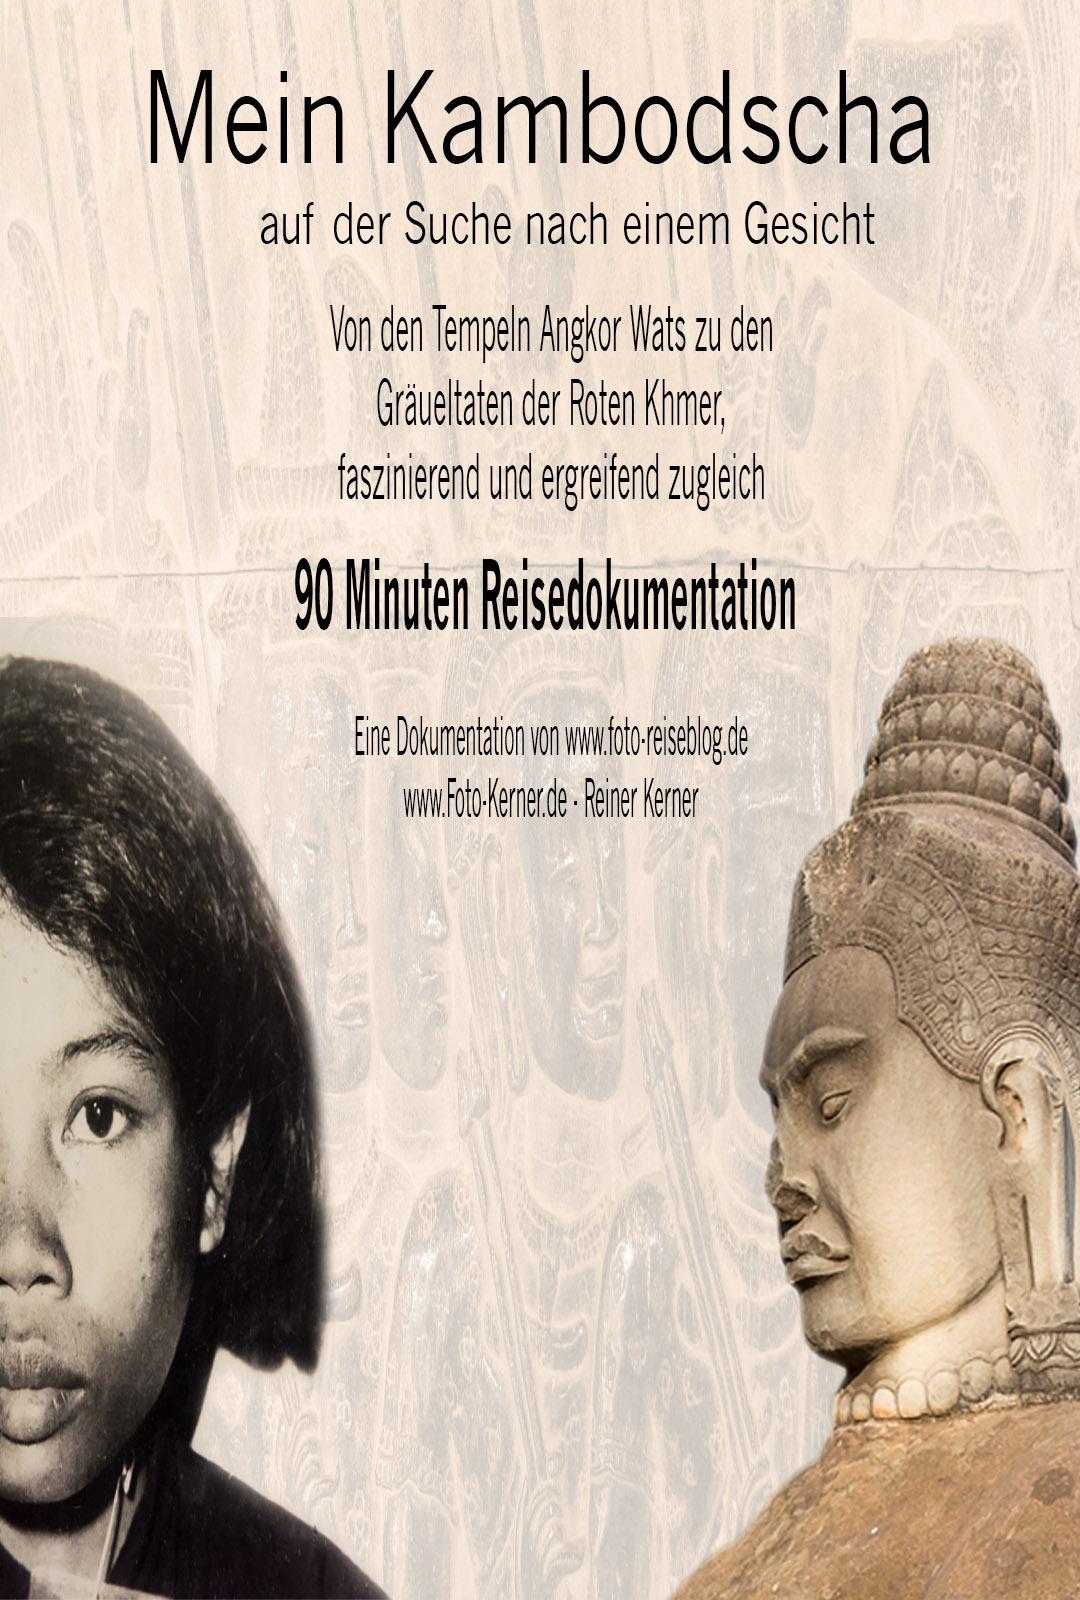 Poster zur Reisedokumentation - Video On Demand